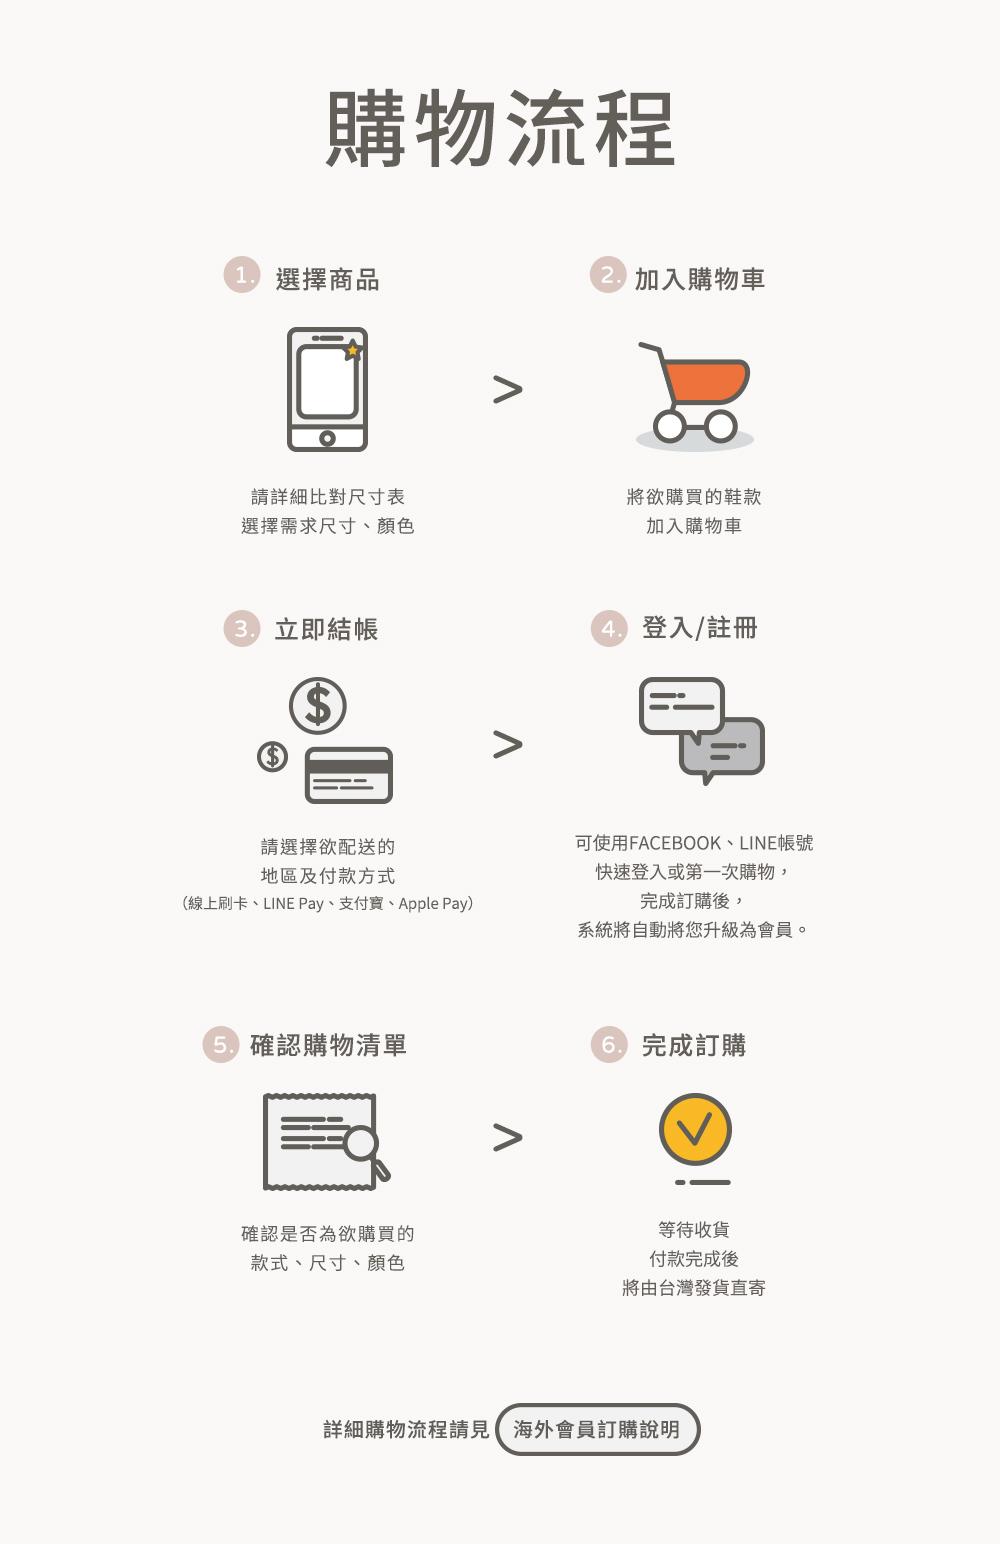 D+AF海外購物流程 香港、澳門、新加坡、馬來西亞、中國、日本、美國、澳洲、韓國、印尼、越南、加拿大、墨西哥、紐西蘭、法國、義大利